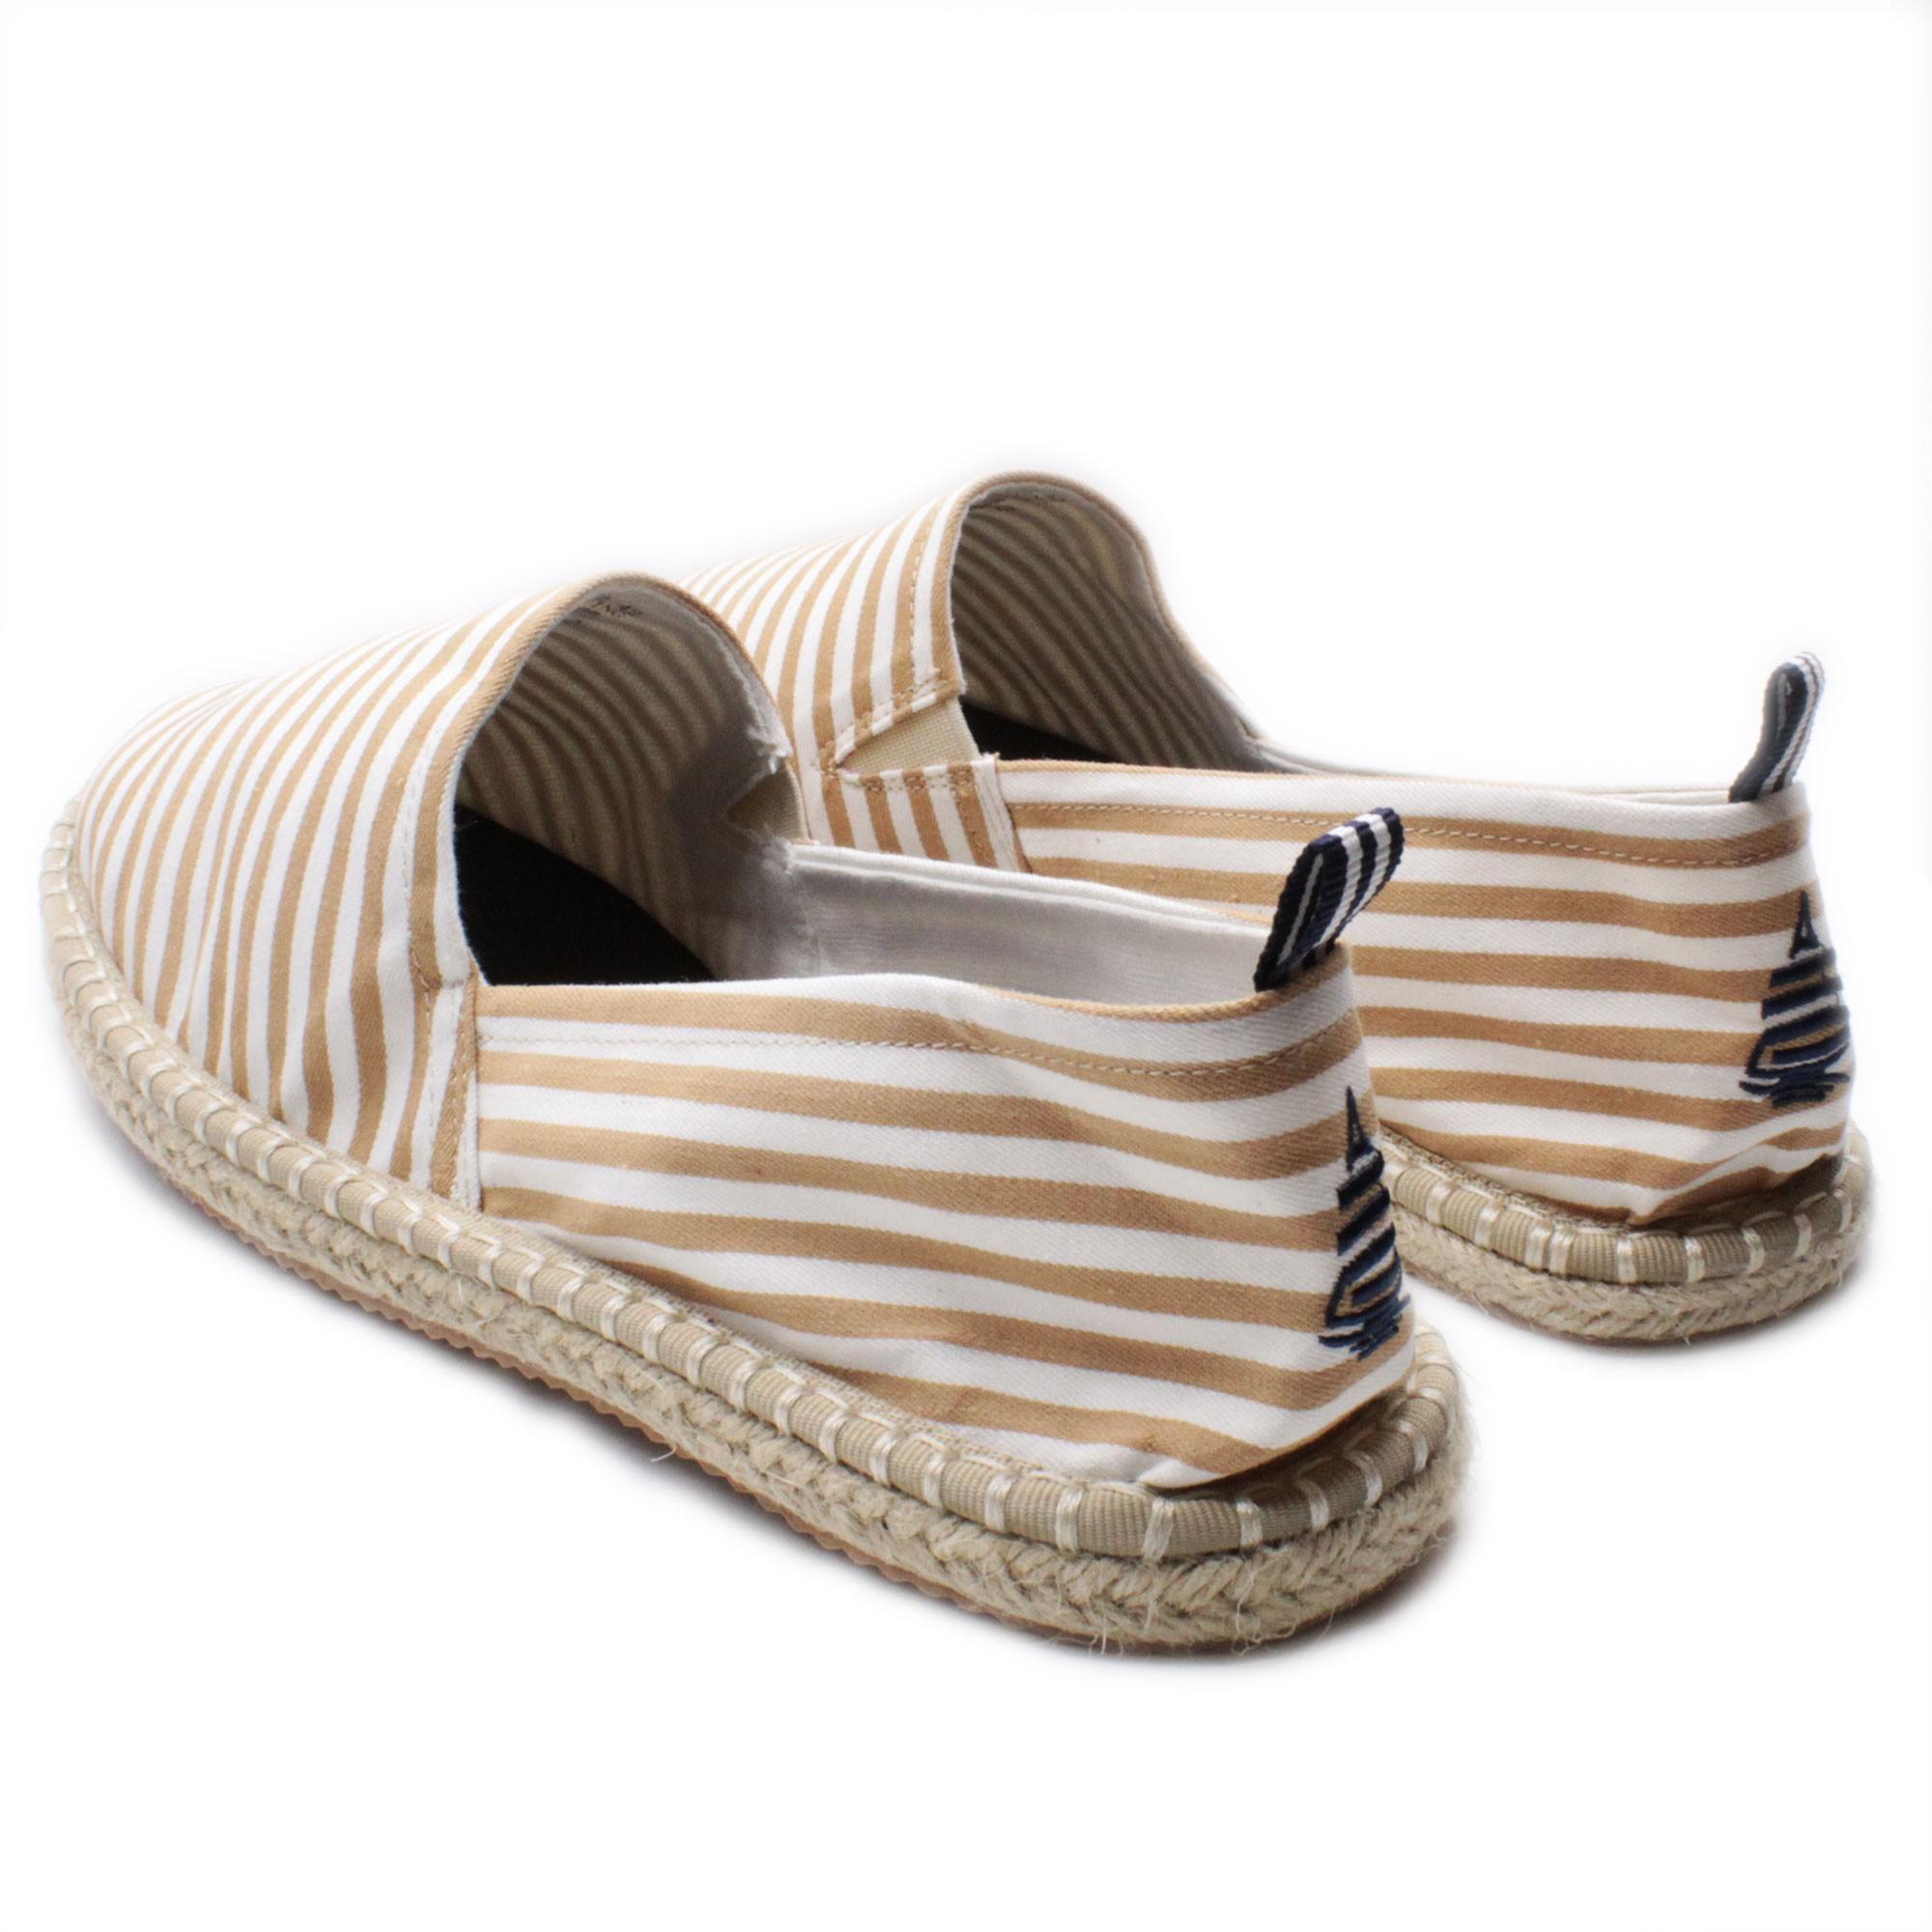 Espadrillas-Uomo-Marina-Yachting-Scarpe-da-Spiaggia-Estive-a-Righe-Made-in-Italy miniatura 12